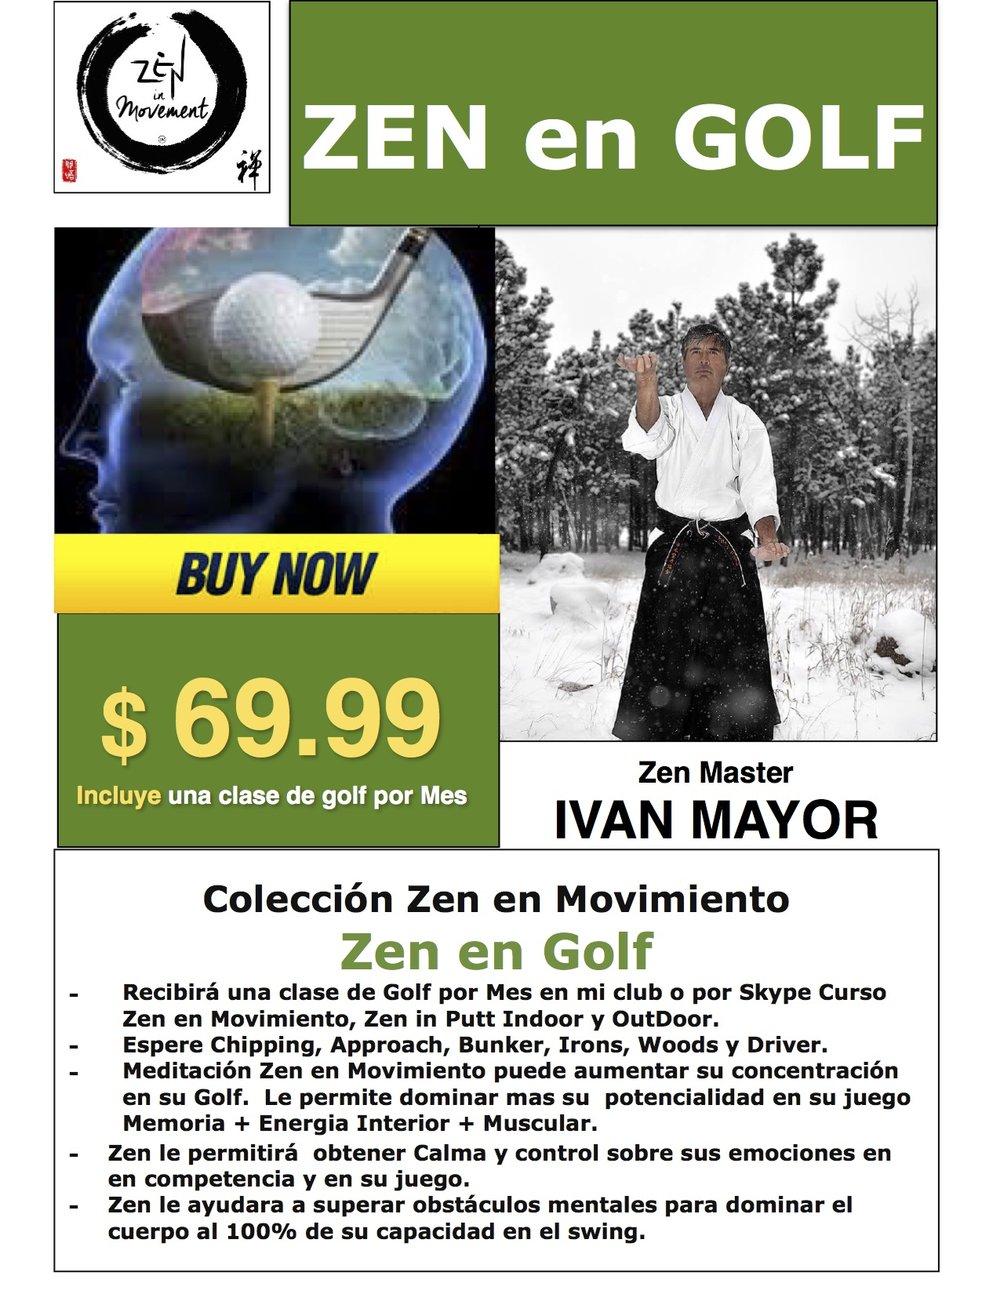 Zen Compre por 69,99.jpg